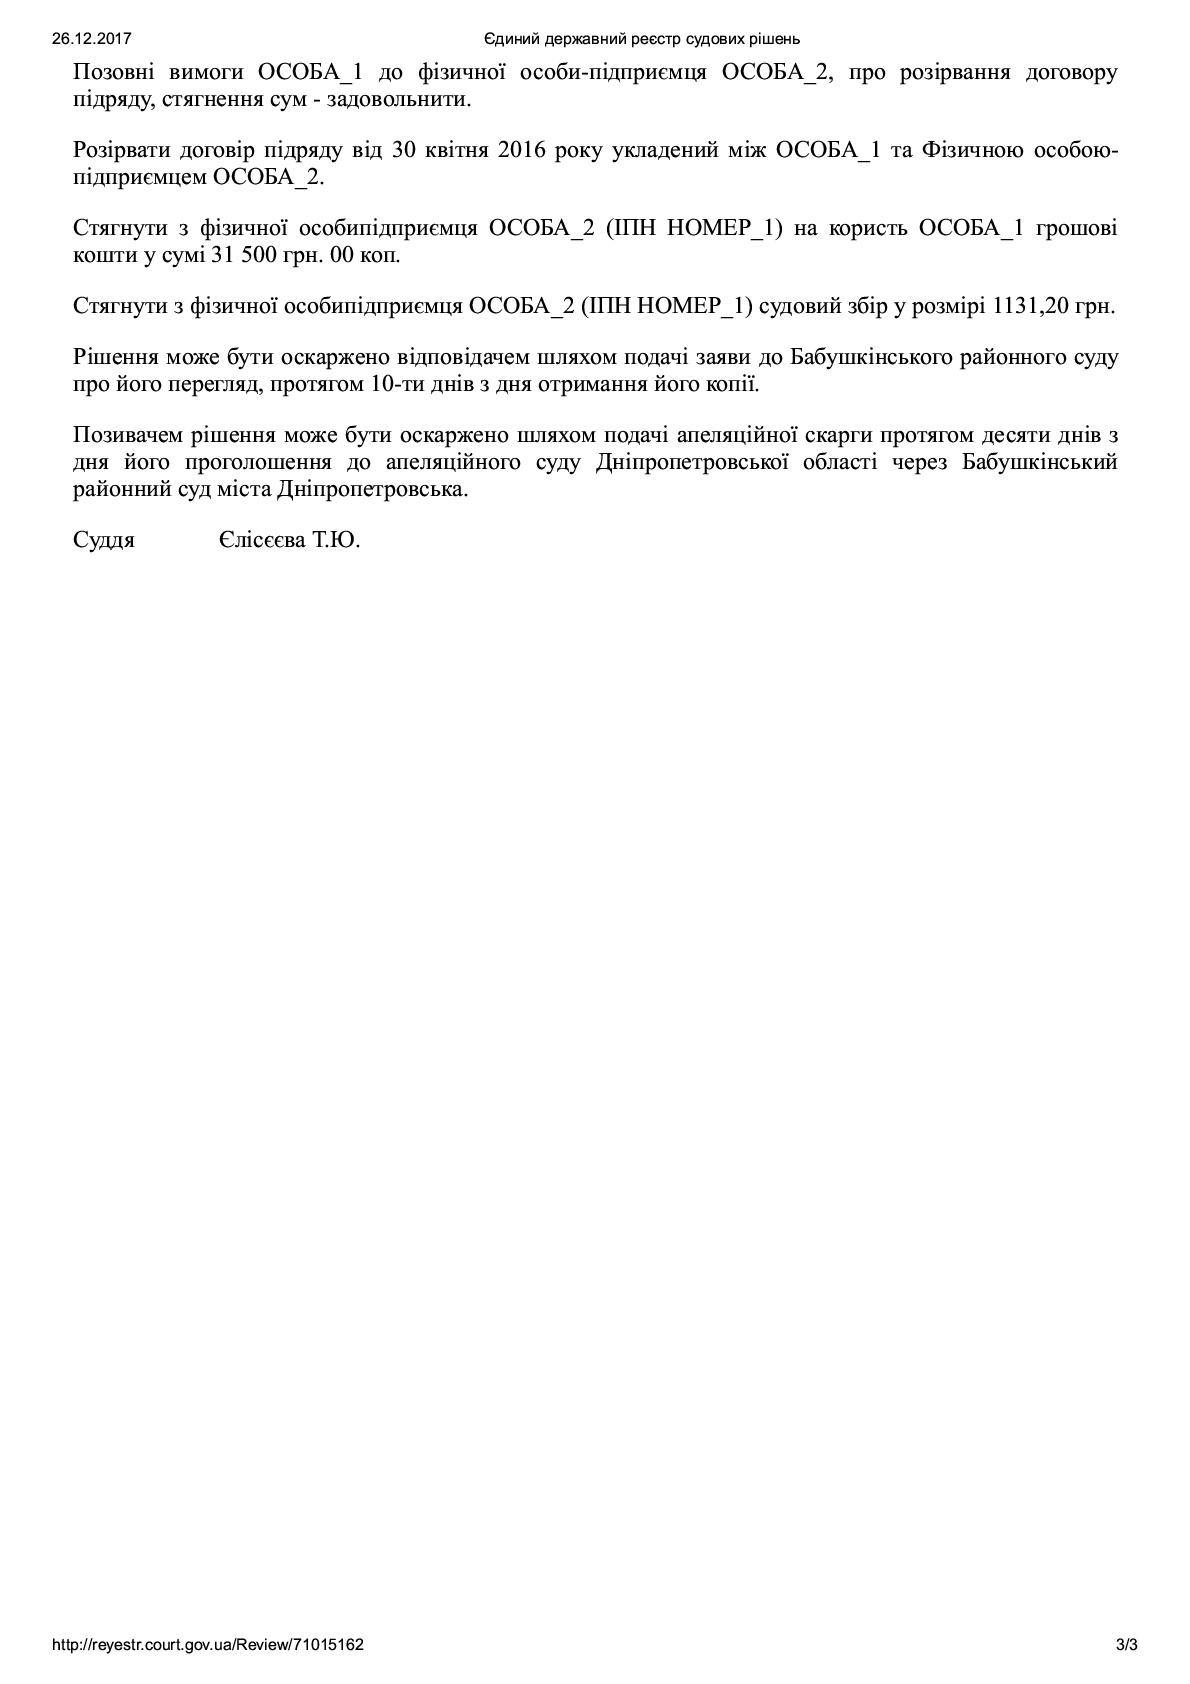 Фото Решением суда расторгнуть договор подряда, обязав исполнителя вернуть денежные средства